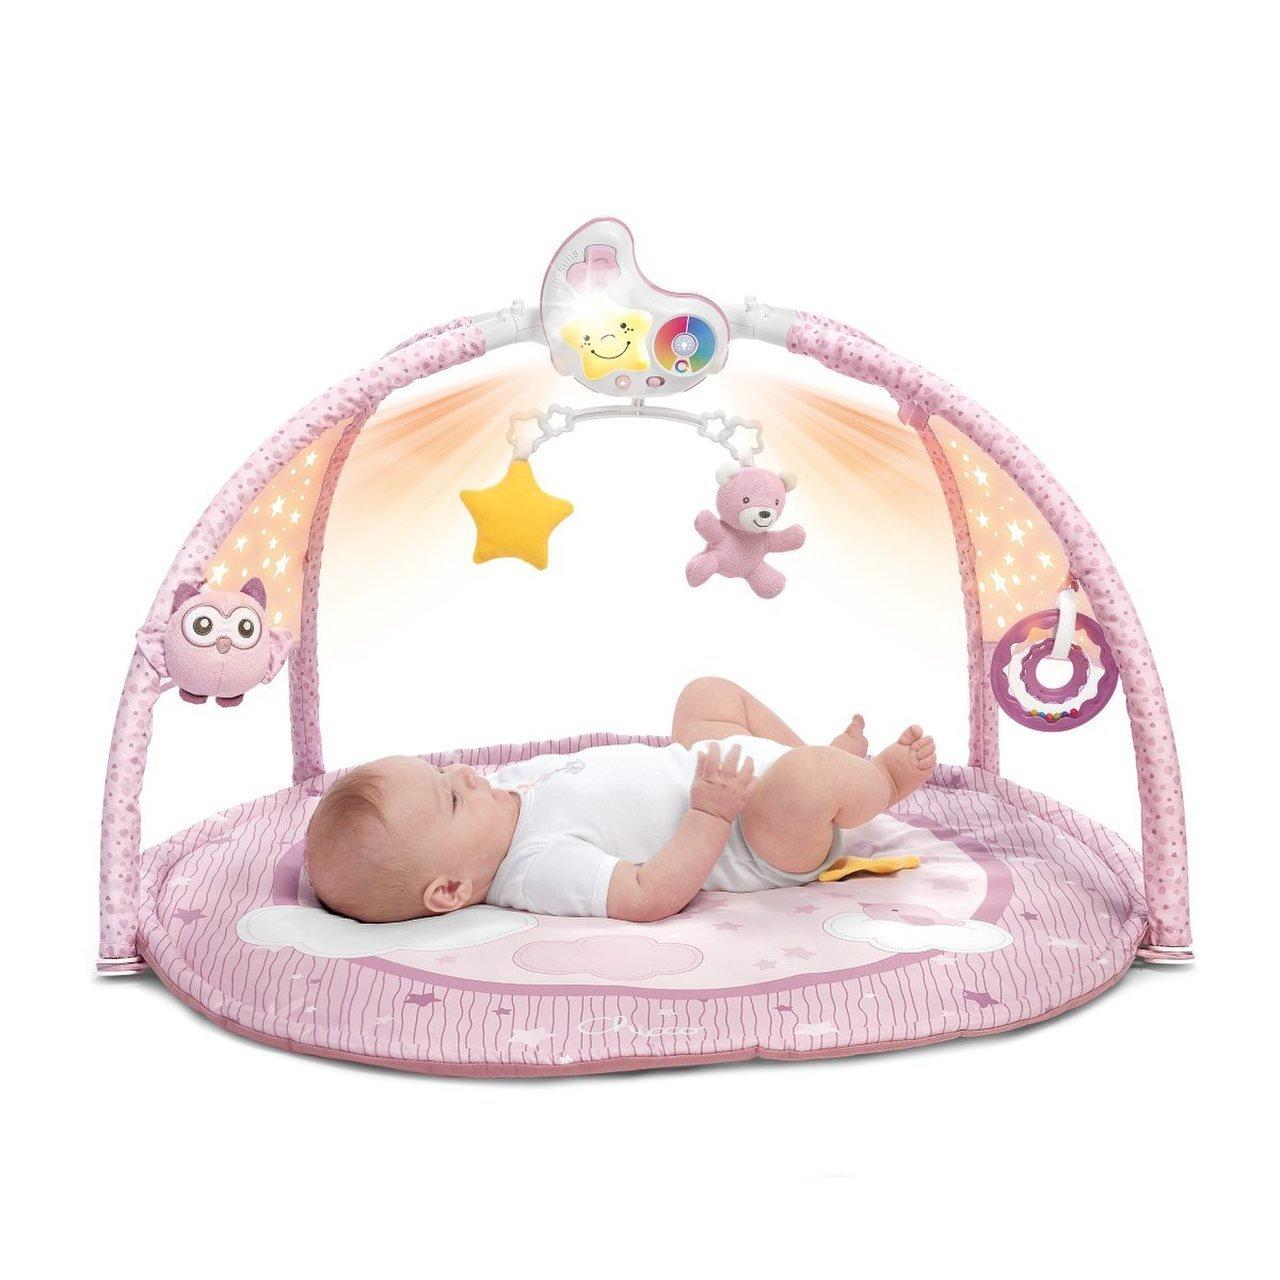 Hrac� deka pro miminka 3v1 r��ov� - zv��i� obr�zok